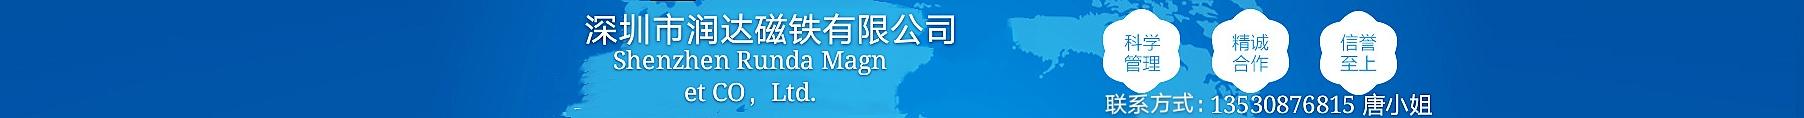 深圳市潤達磁鐵有限公司